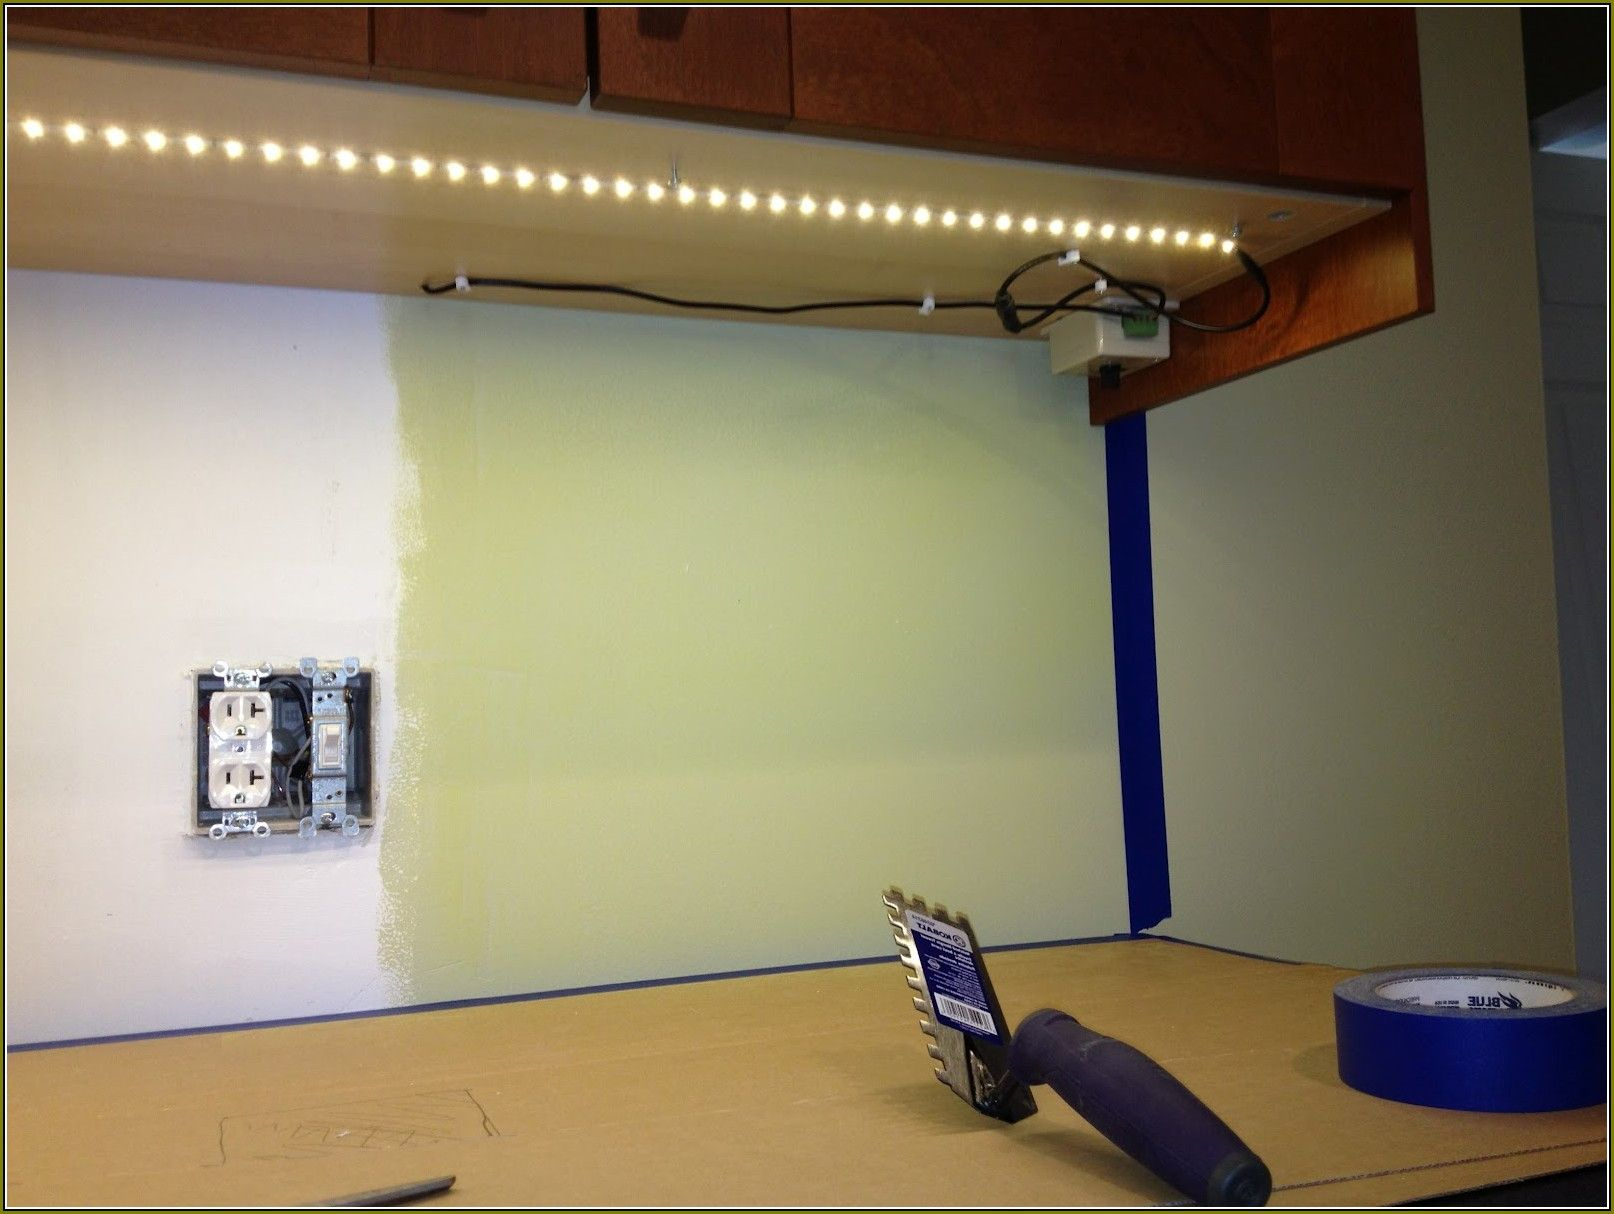 Wiring Under Cabinet Lighting | 70 Wiring Under Cabinet Led Lighting Kitchen Cabinet Lighting